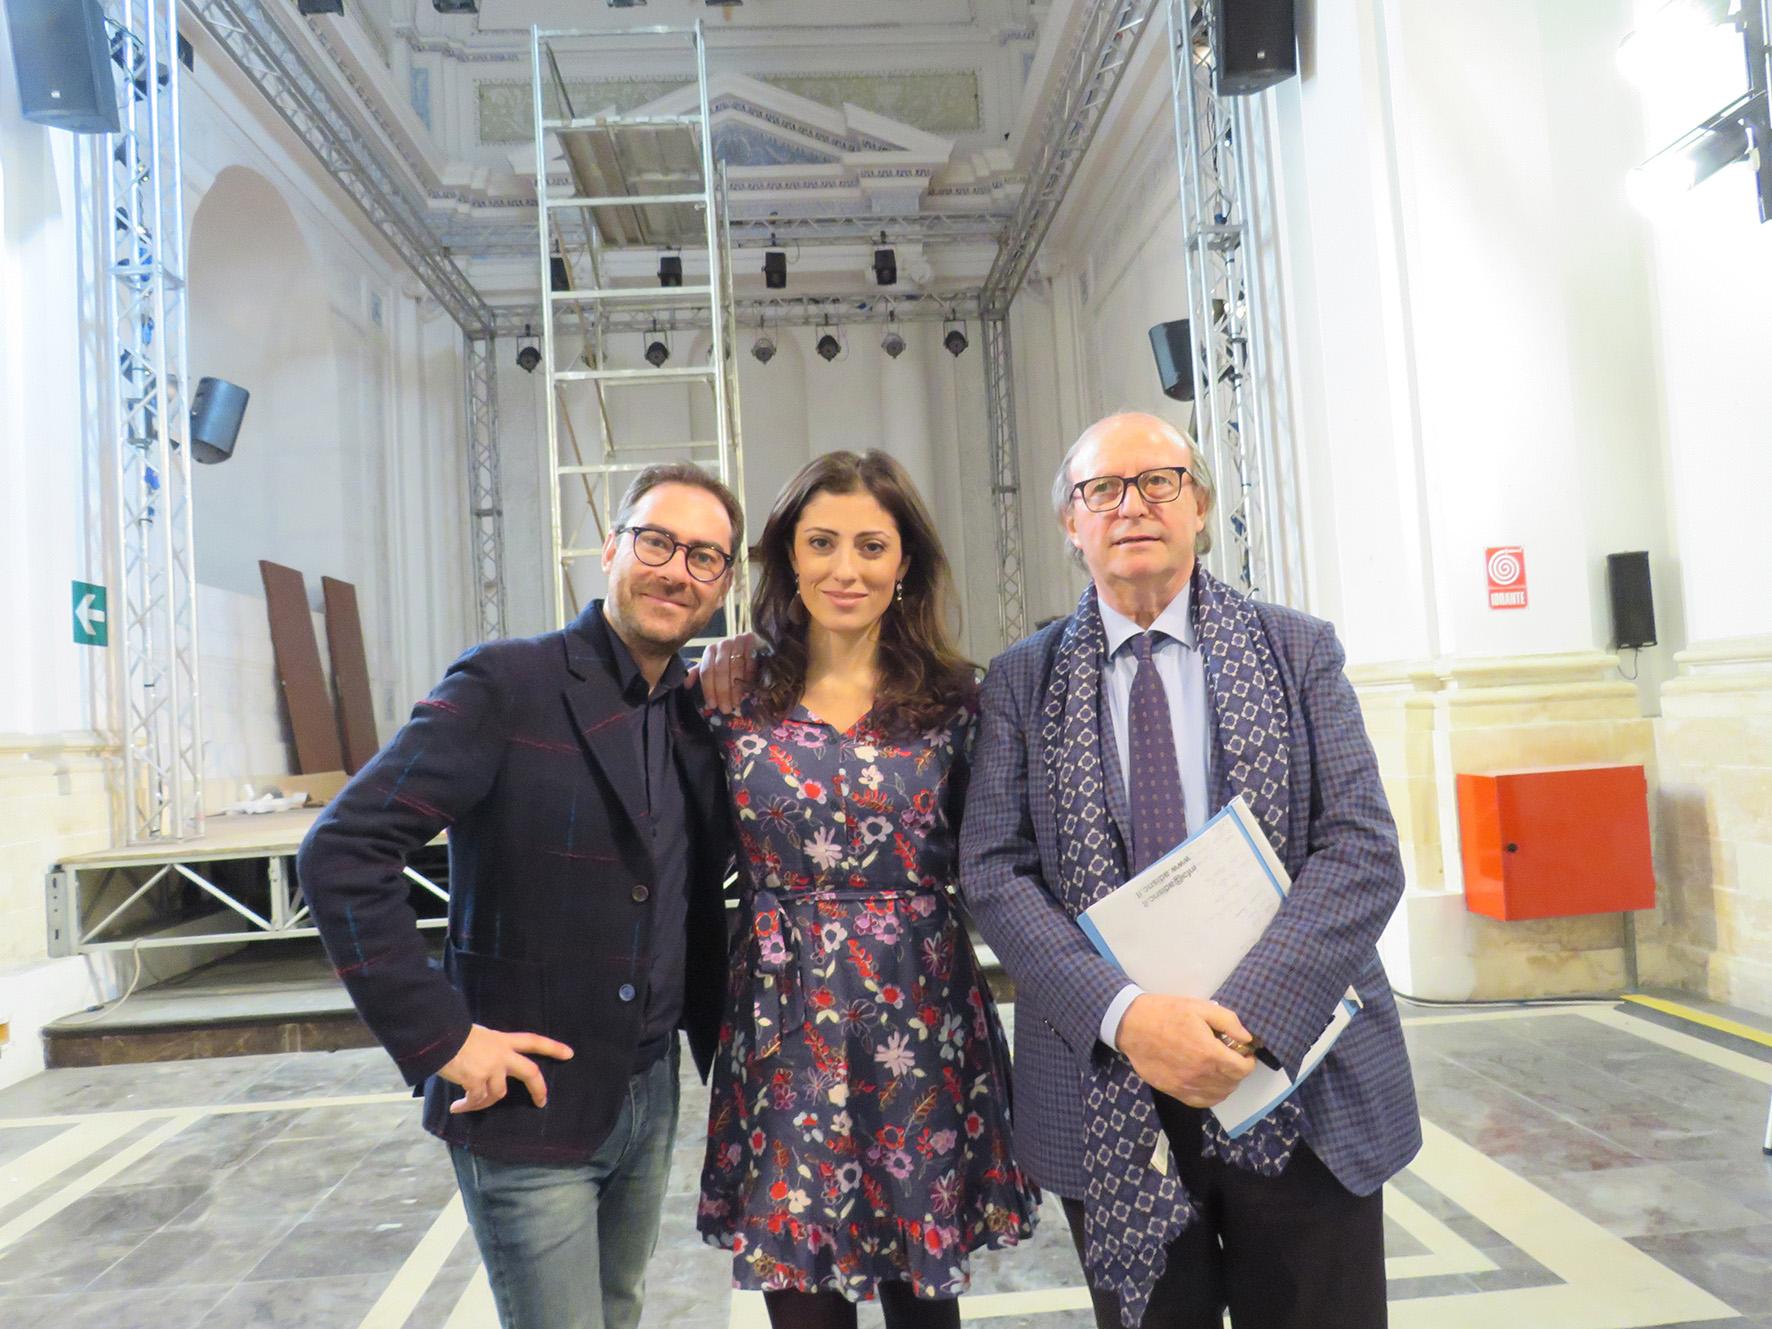 Lavoro A Chiaramonte Gulfi da chiesa a teatro chiaramonte gulfi punta sulla cultura